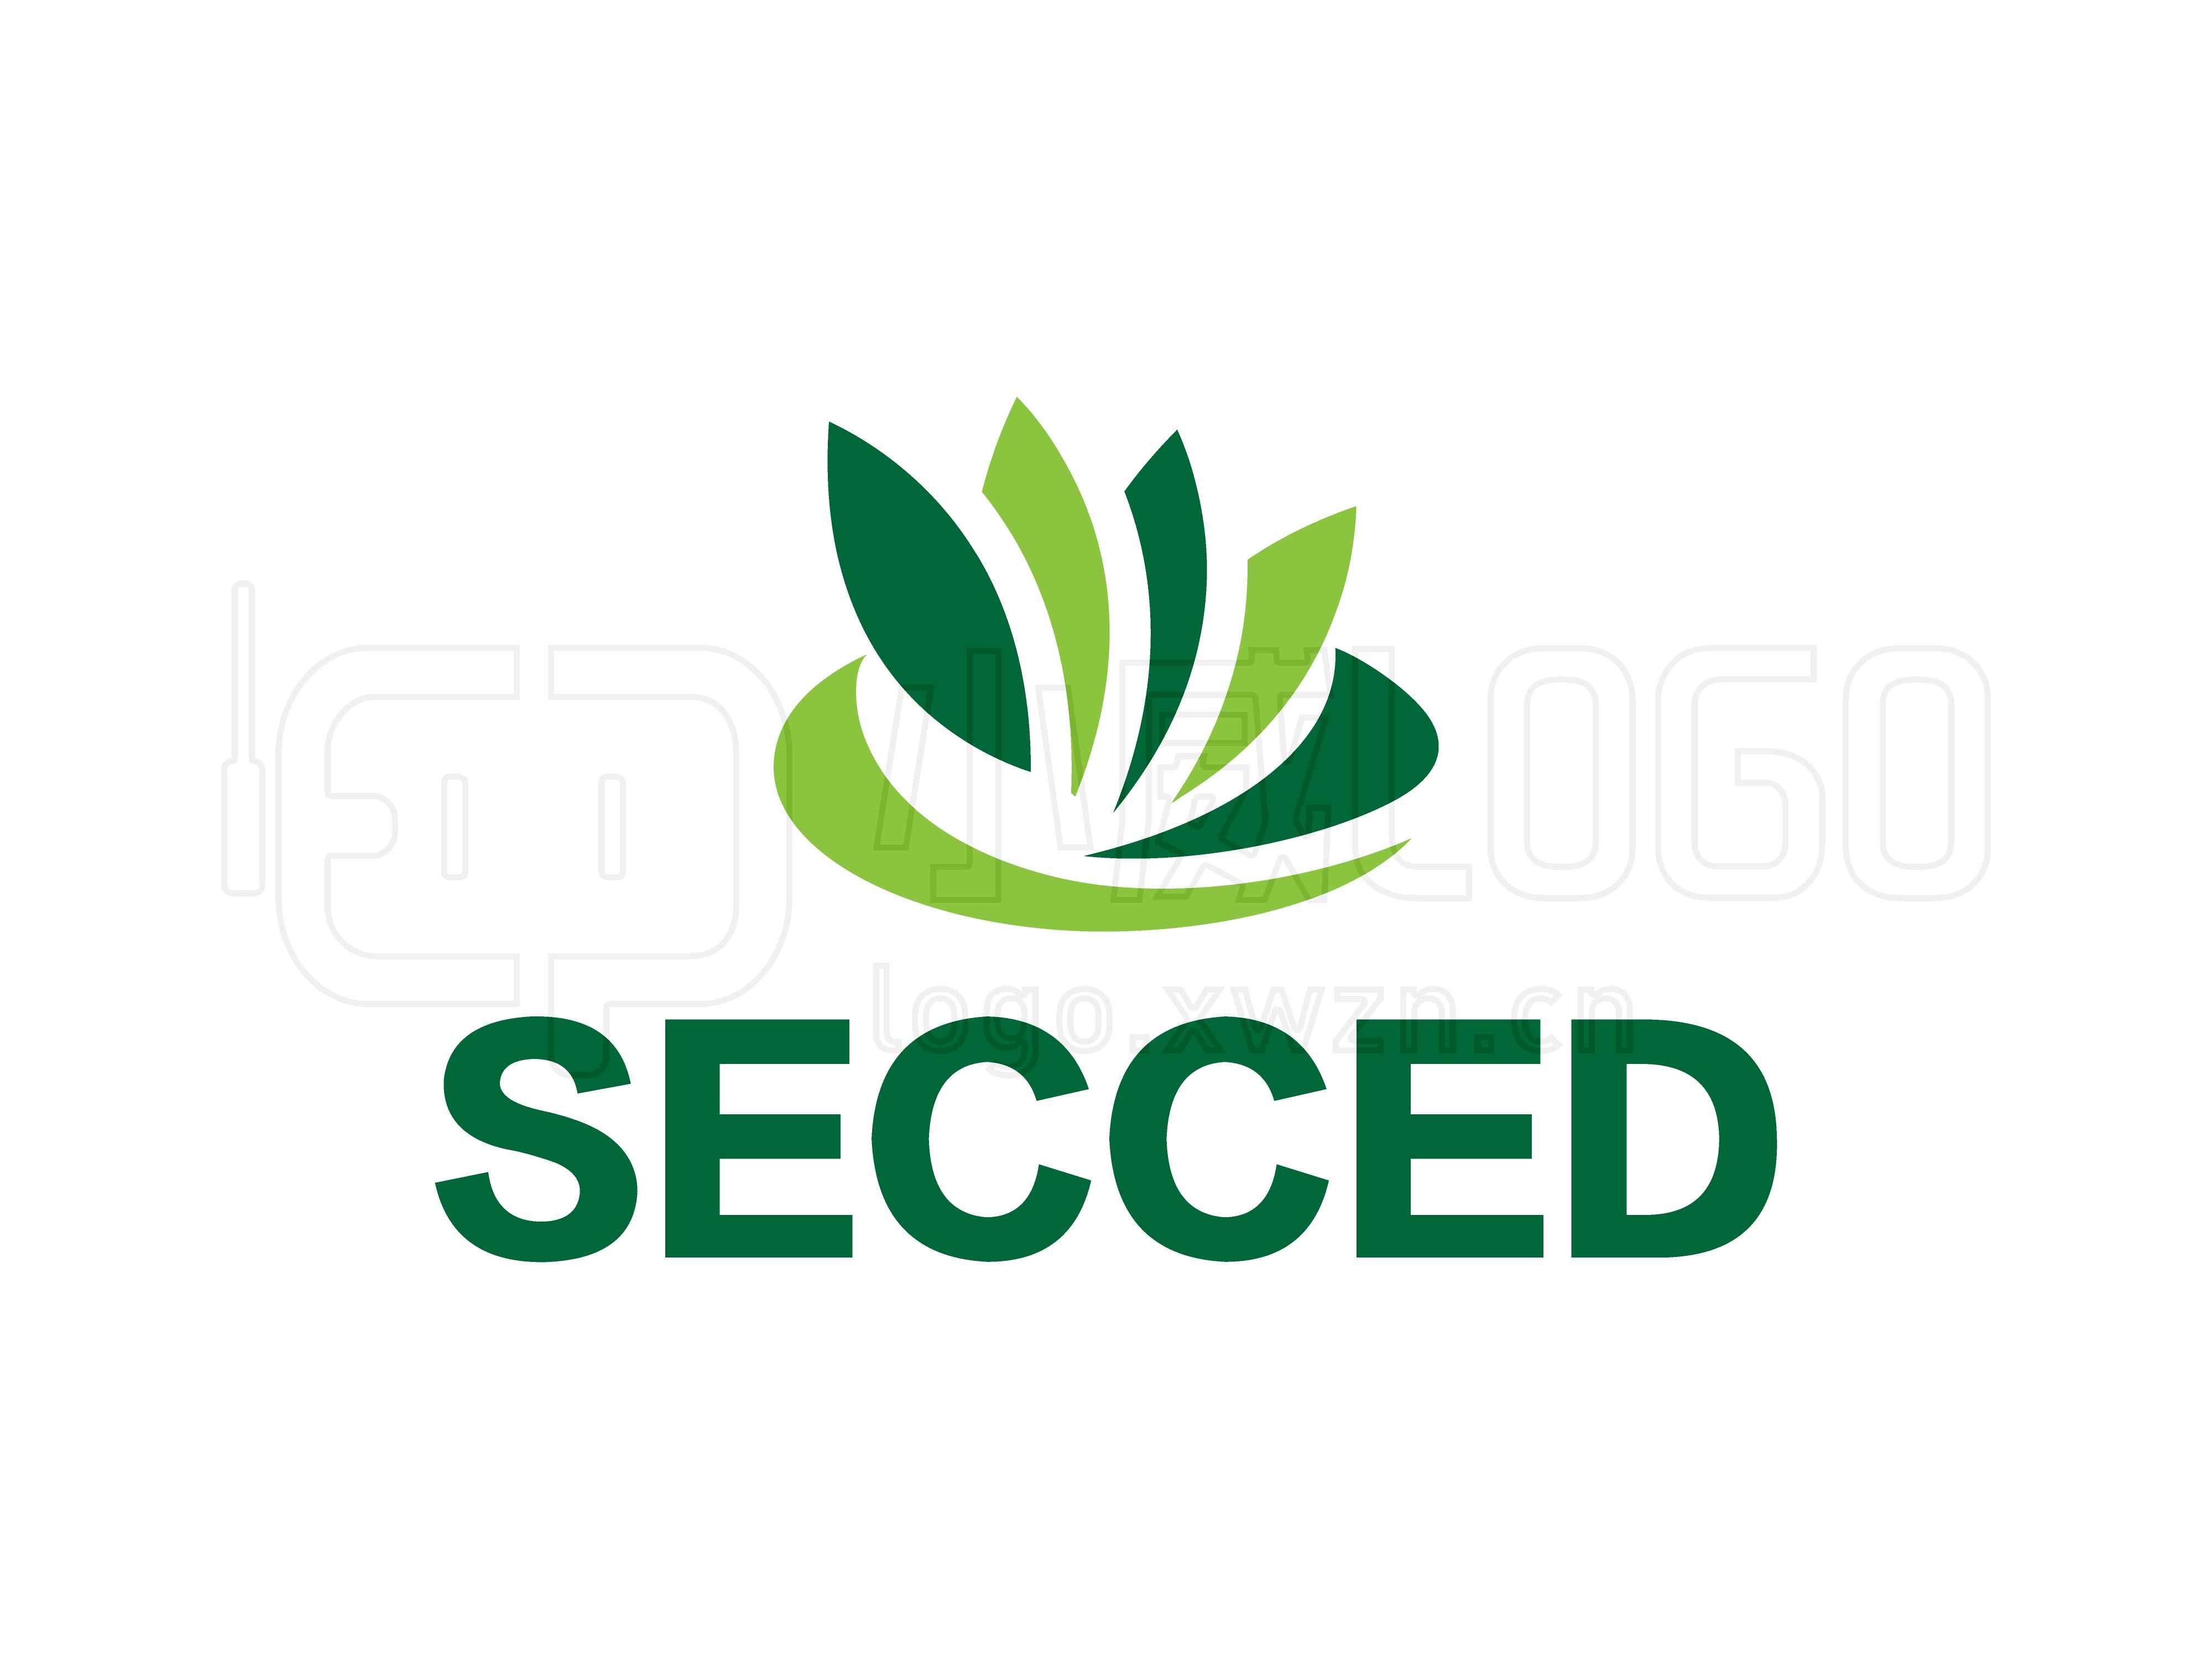 SECCED.png